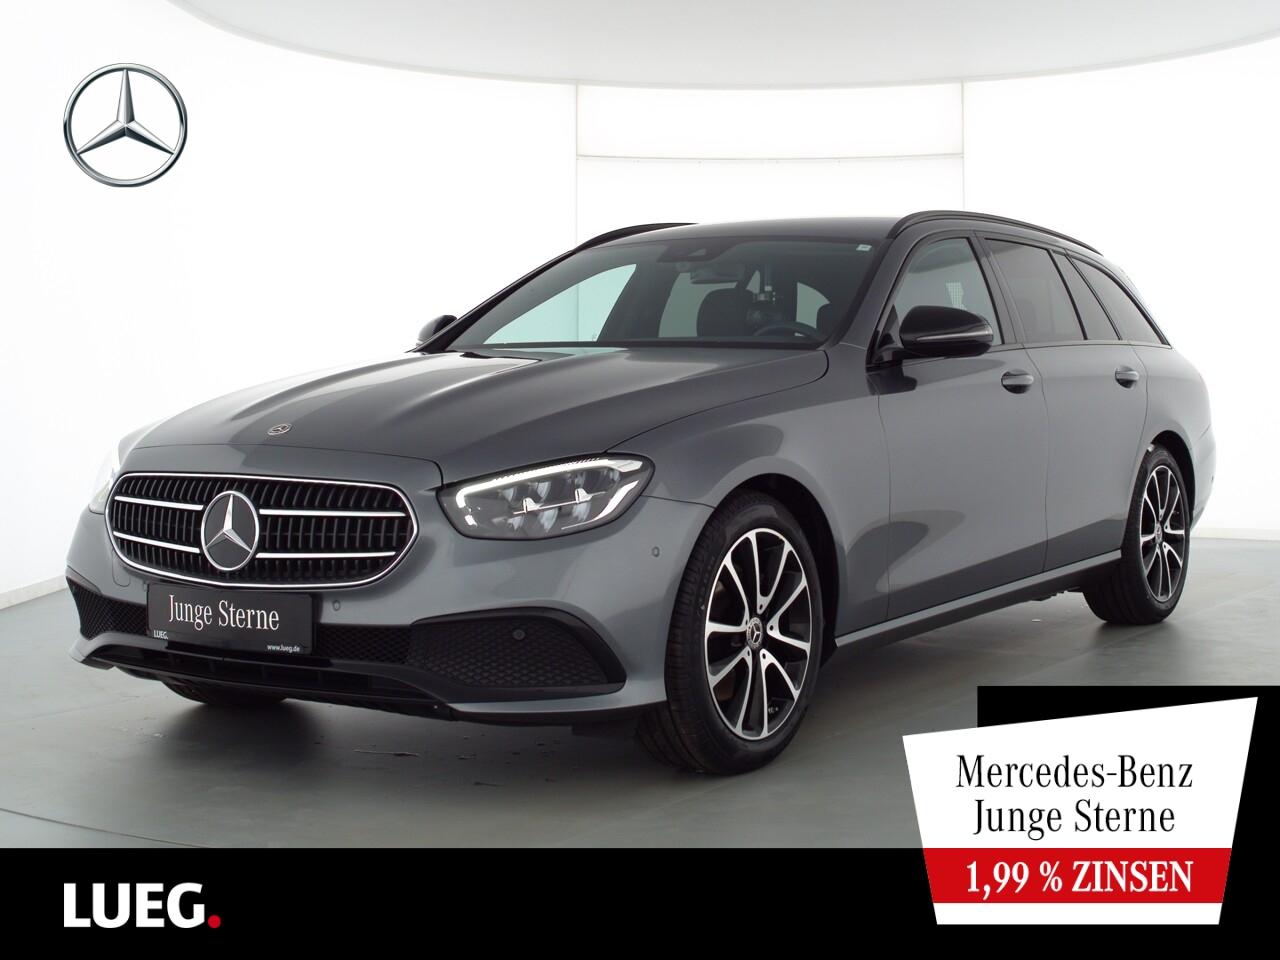 Mercedes-Benz E 220 d T Avantgarde+MBUX+Nav+LED+Widesc+AHK+RFK, Jahr 2020, Diesel